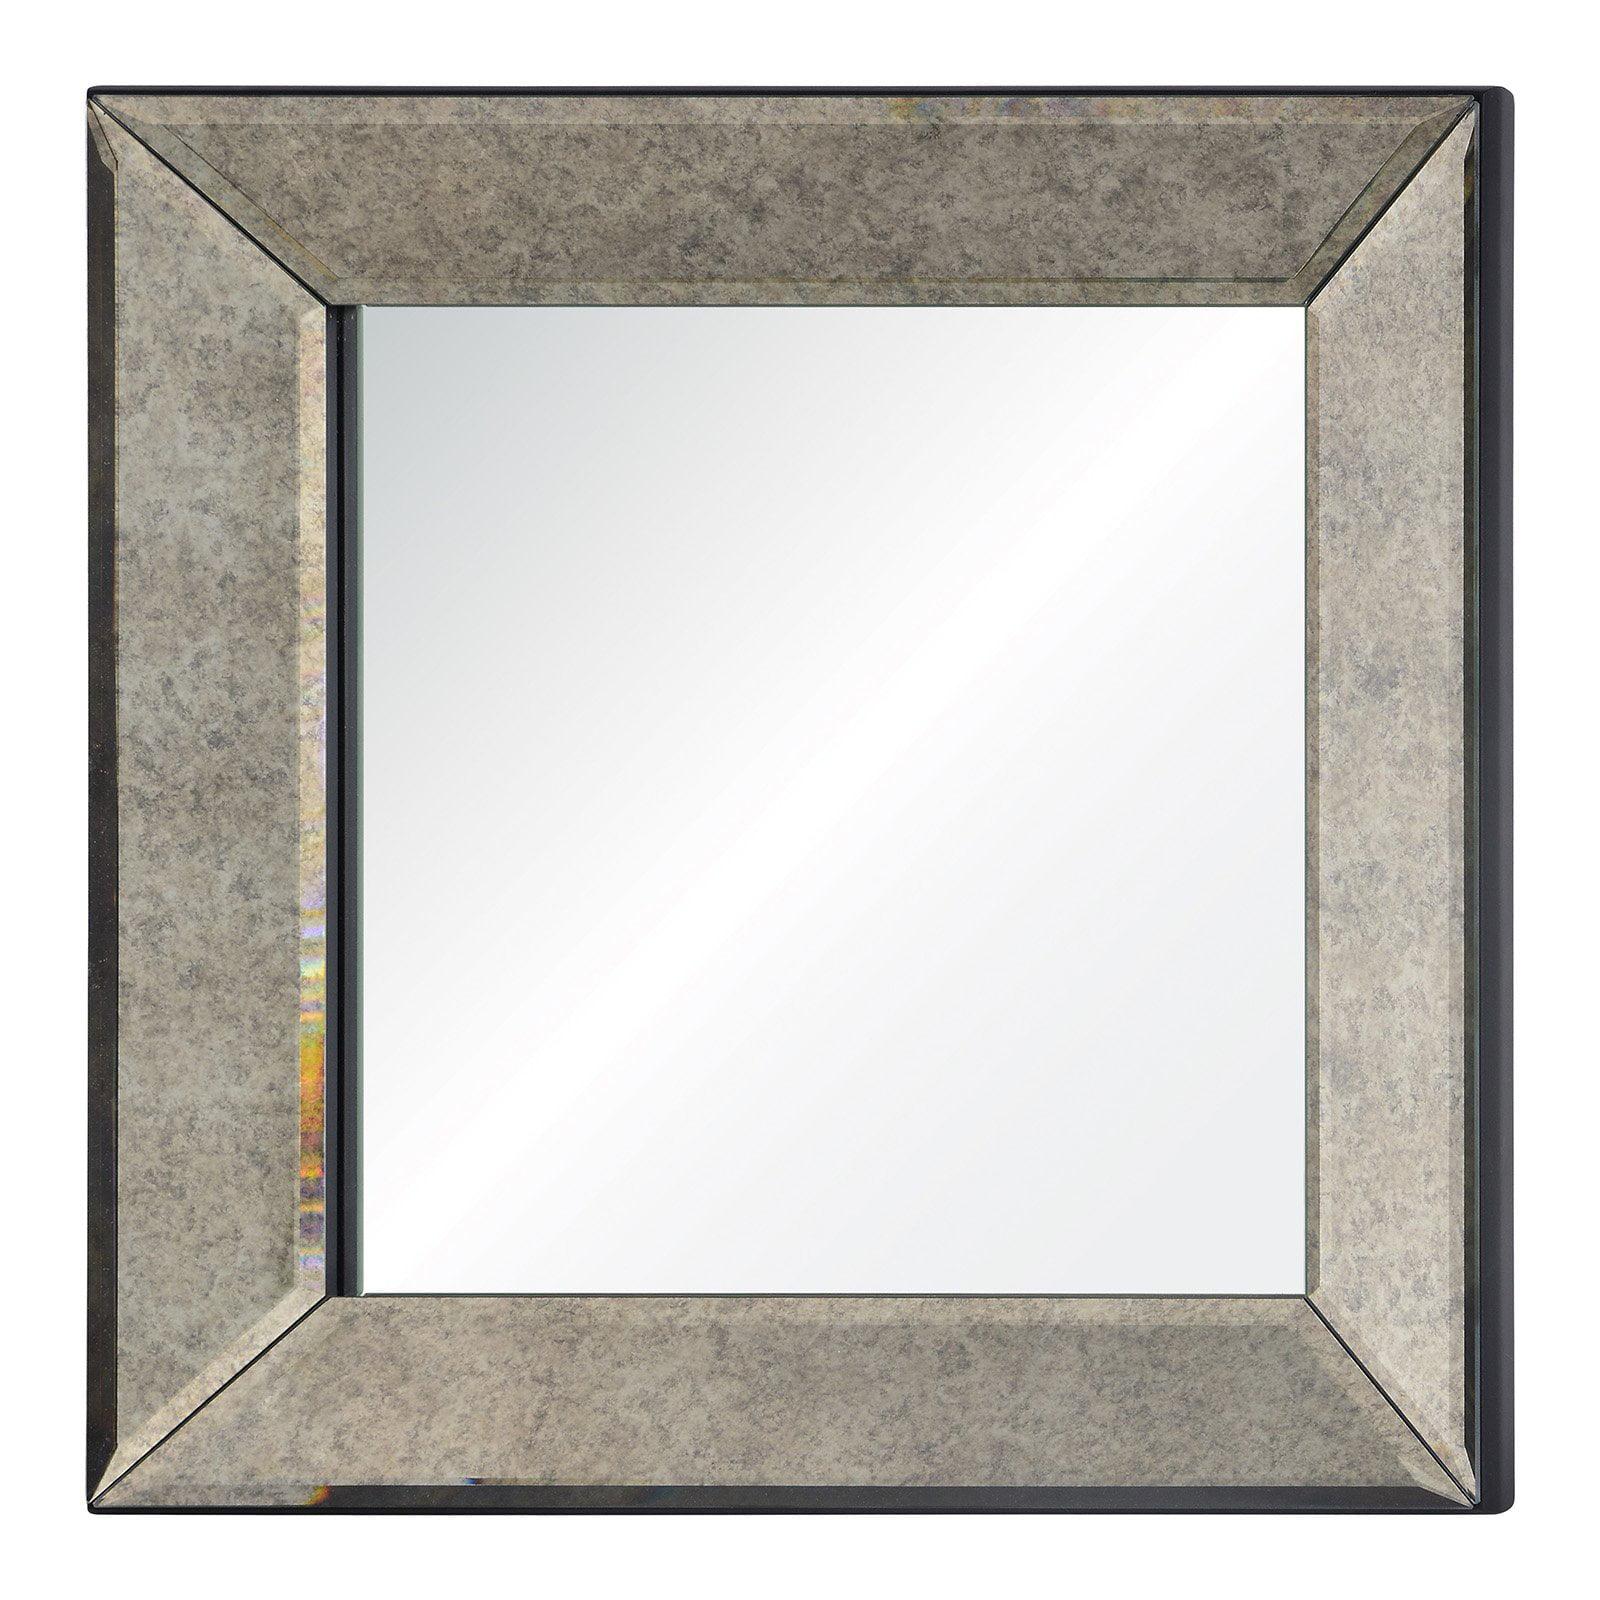 Cooper Classics Joselyn Wall Mirror by Cooper Classics